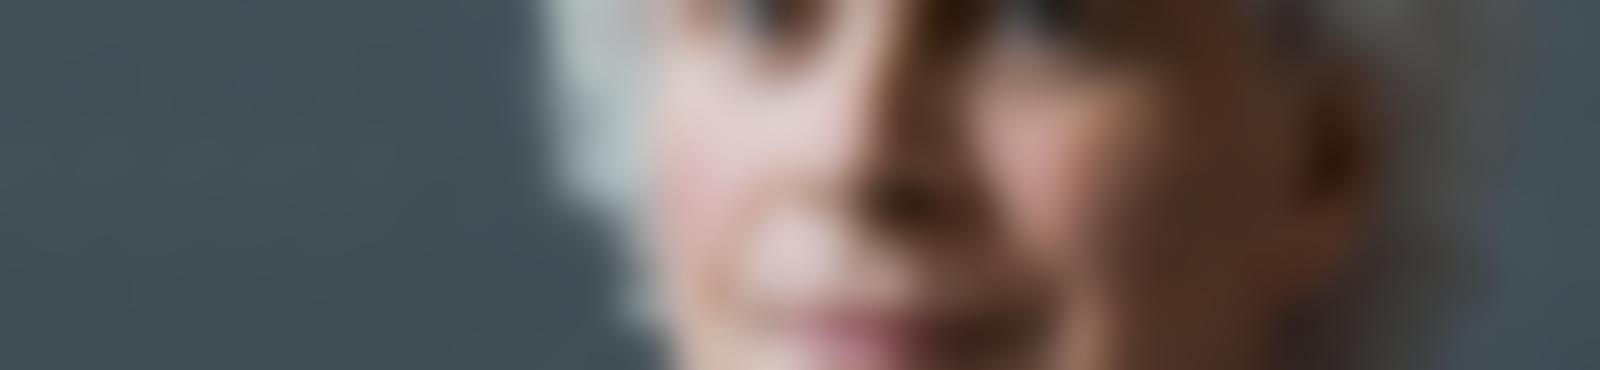 Blurred dd9f1987 f27b 4577 9f04 63d82aaa4b05